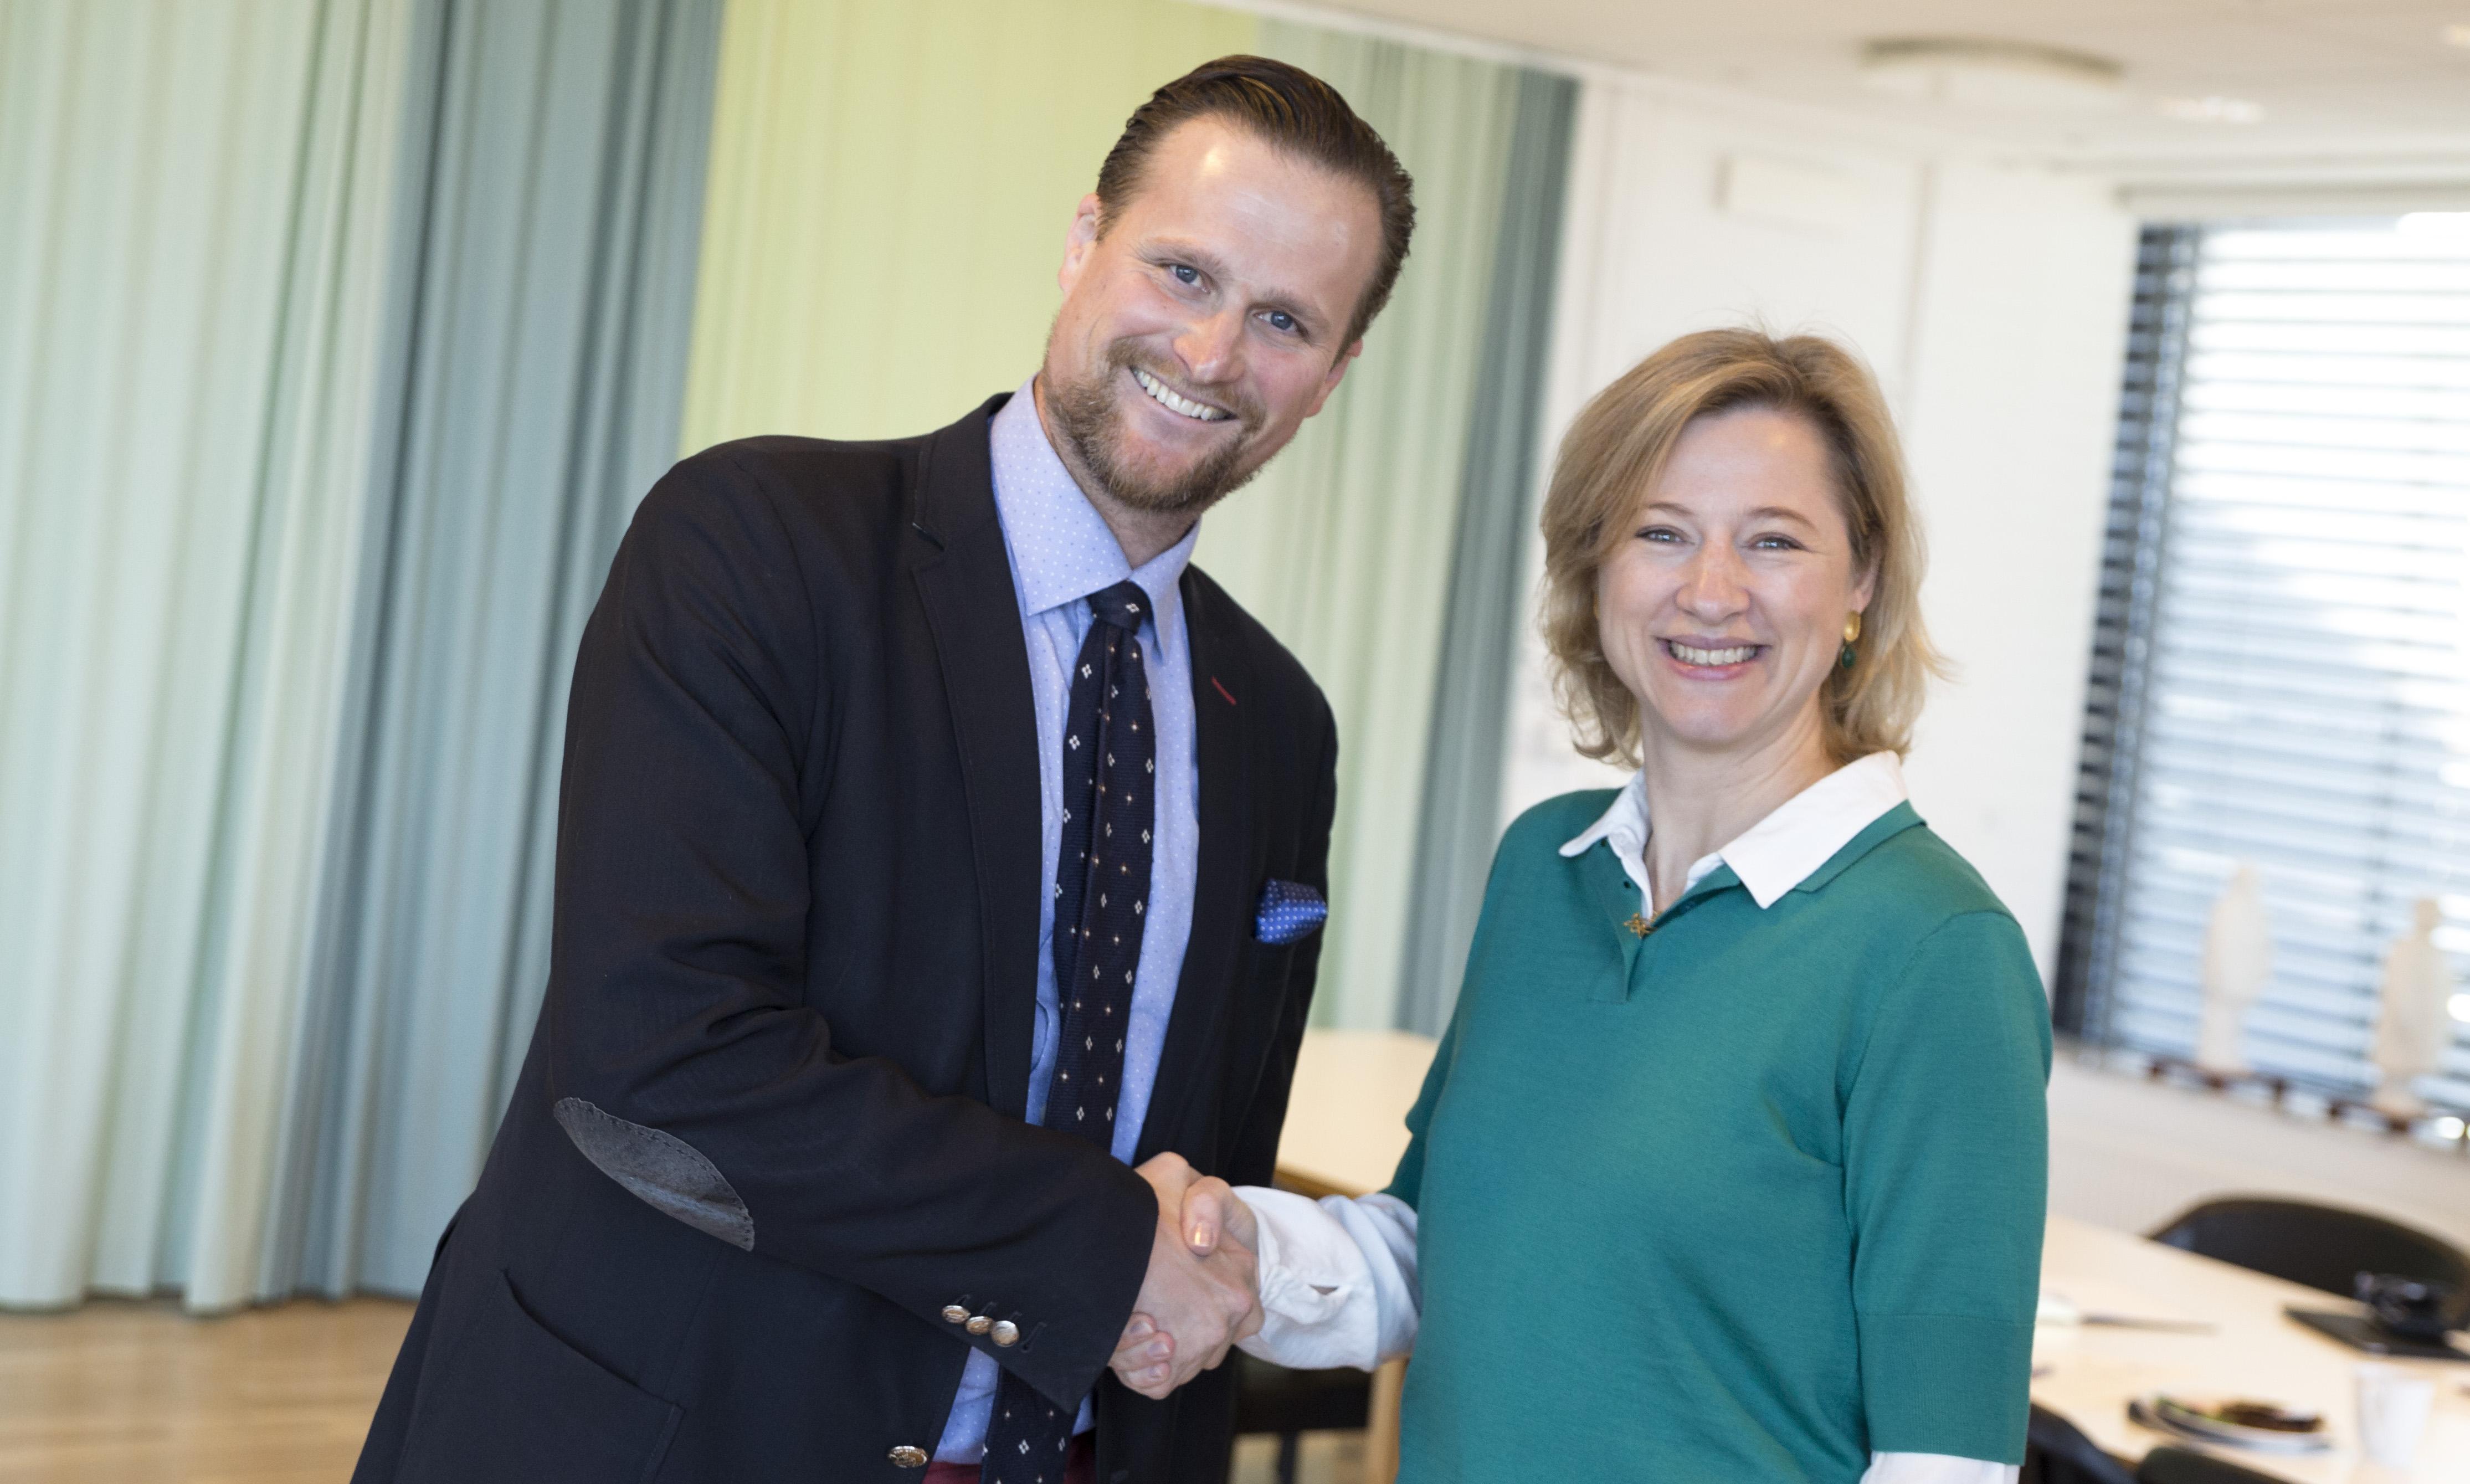 Regionsrådsformand i Region Hovedstaden, Sophie Hæstorp Andersen, drøftede nye samarbejder om akuthjælp og behandling af børnekræft på tværs af Øresund med hendes svenske kollega, formand for Region Skåne, Carl Johan Sonesson, på et møde tirsdag den 30. april